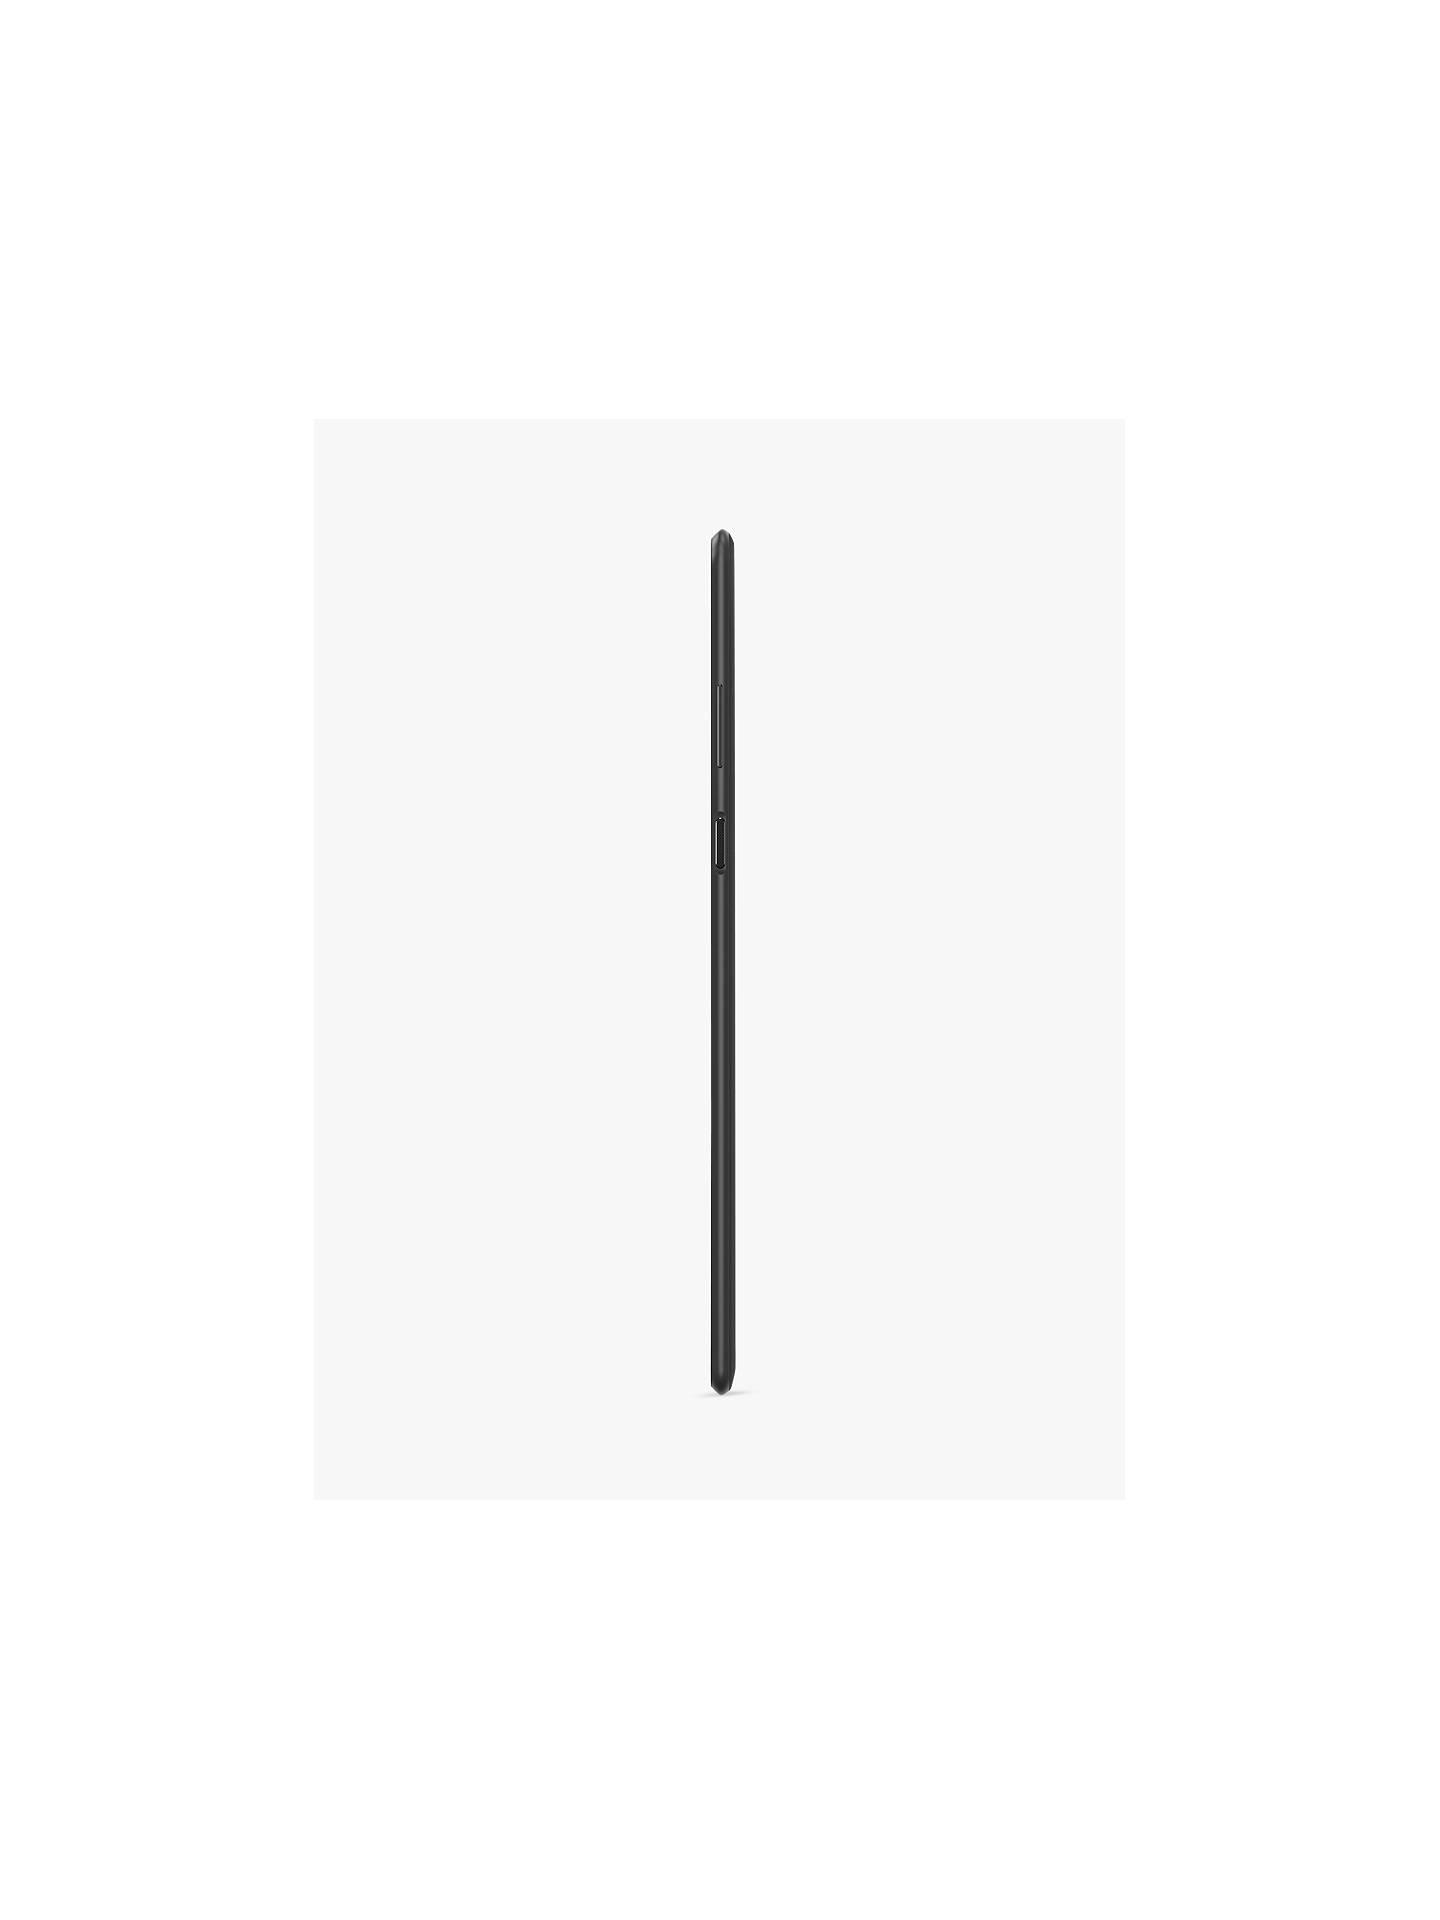 Lenovo Tab E7 Tablet, Android, Wi-Fi, 1GB RAM, 16GB eMCP, 7